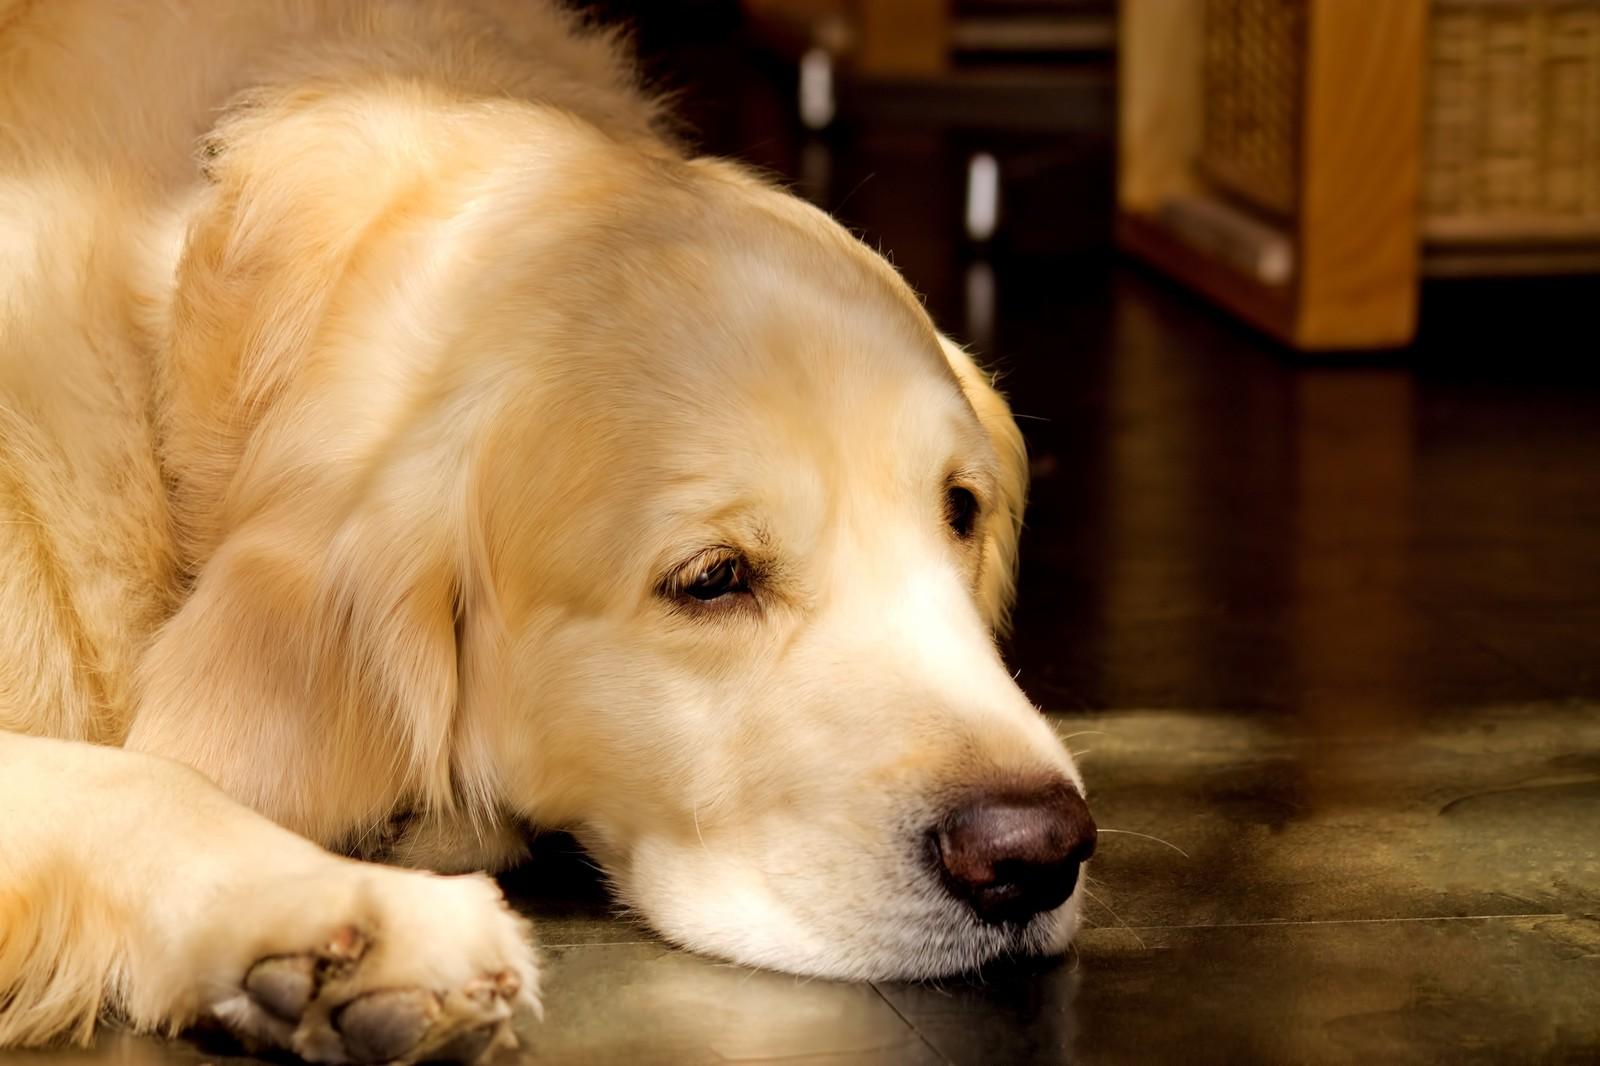 「ふせ!」愛犬にふせをしつけるときの、簡単なポイントをご紹介♪